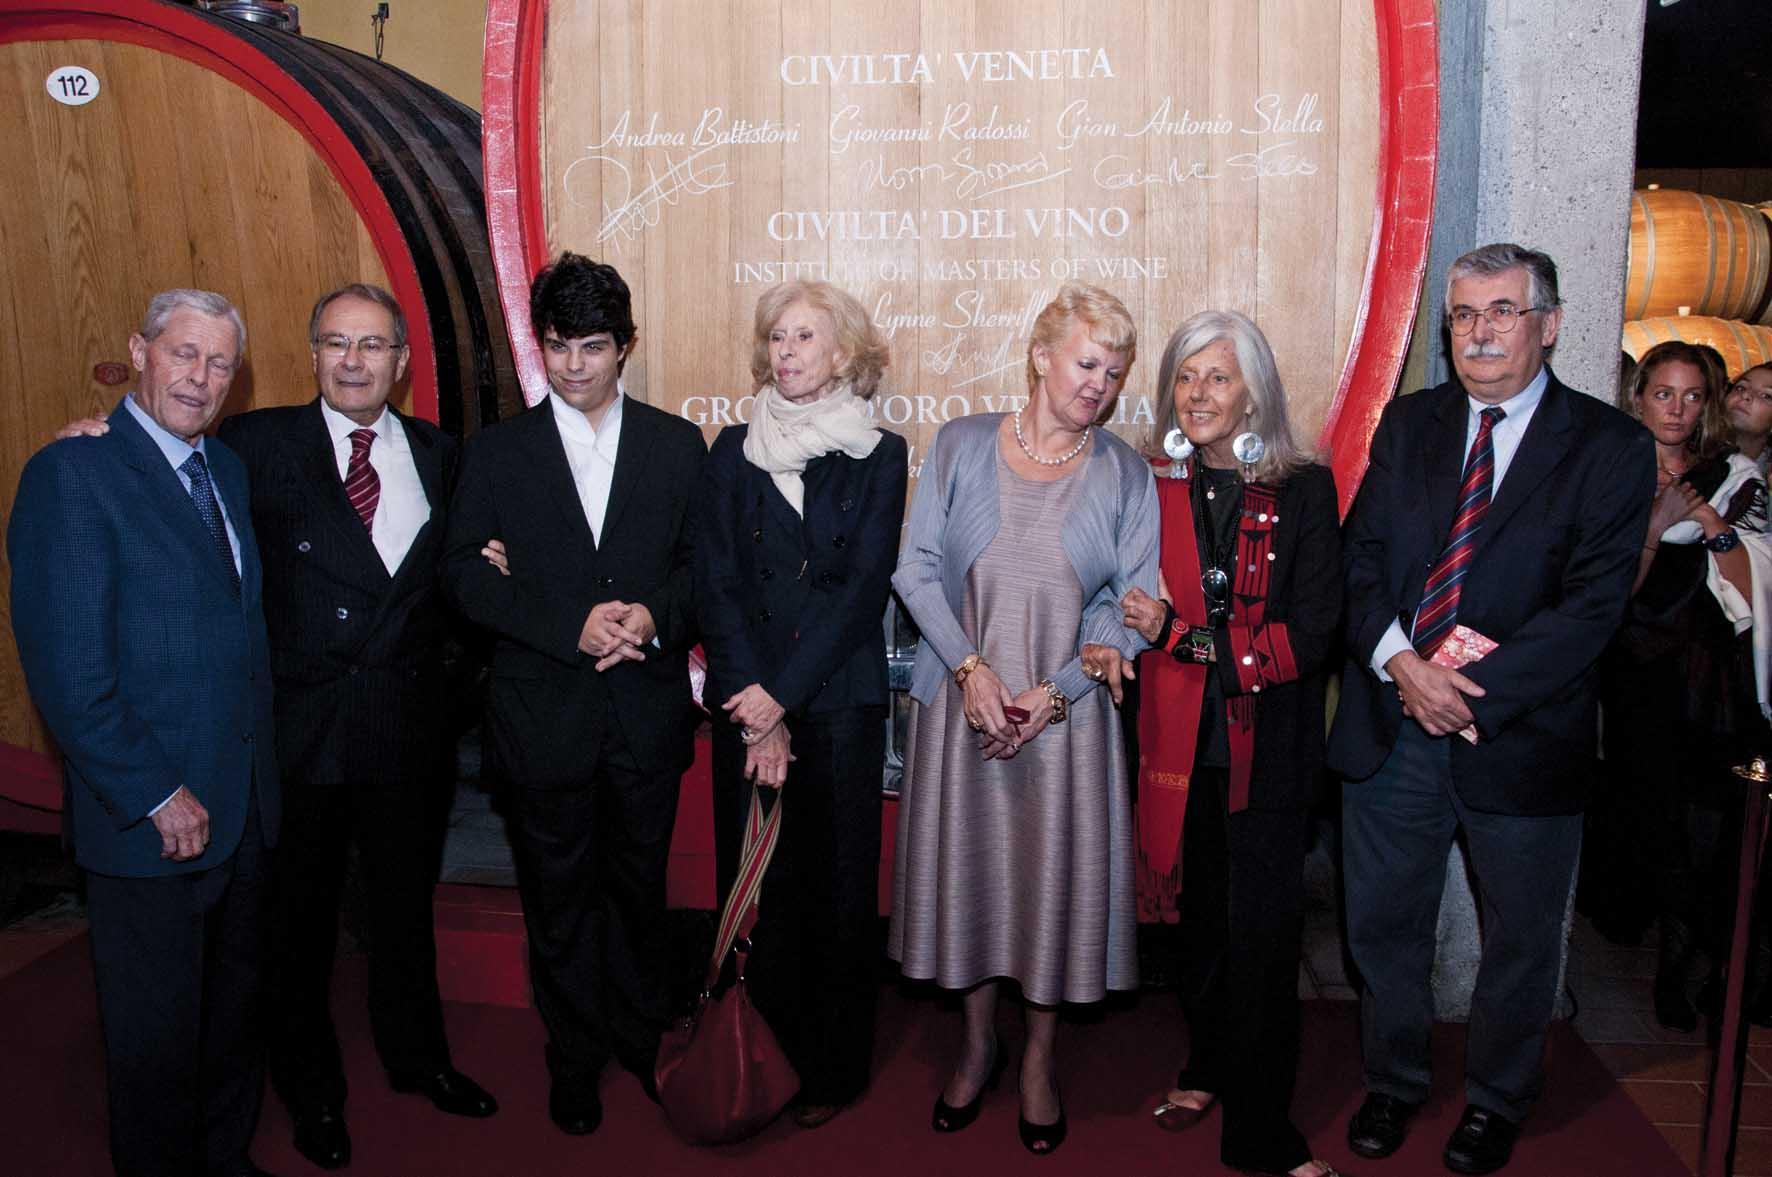 Premio Masi 2012 firma botte tutti premiati 1